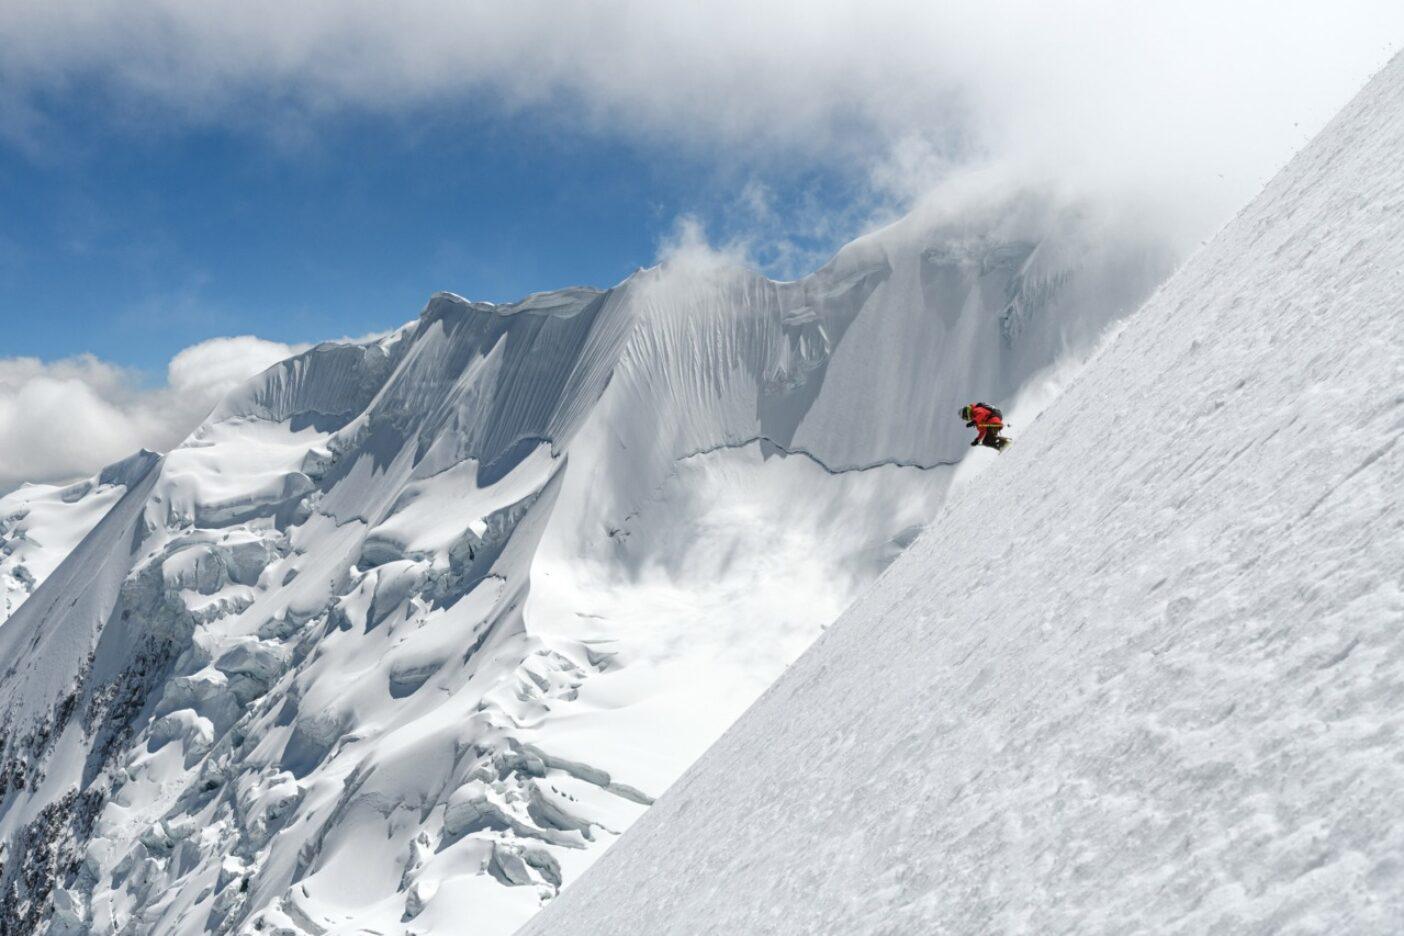 高山病と腹痛に悩ませられながらも6,438メートルのイリマニ山のノーマルルートでスキーをするザハン・ビリモリア。ボリビア、コーディエラ・レアル Photo:Fredrik Marmsater